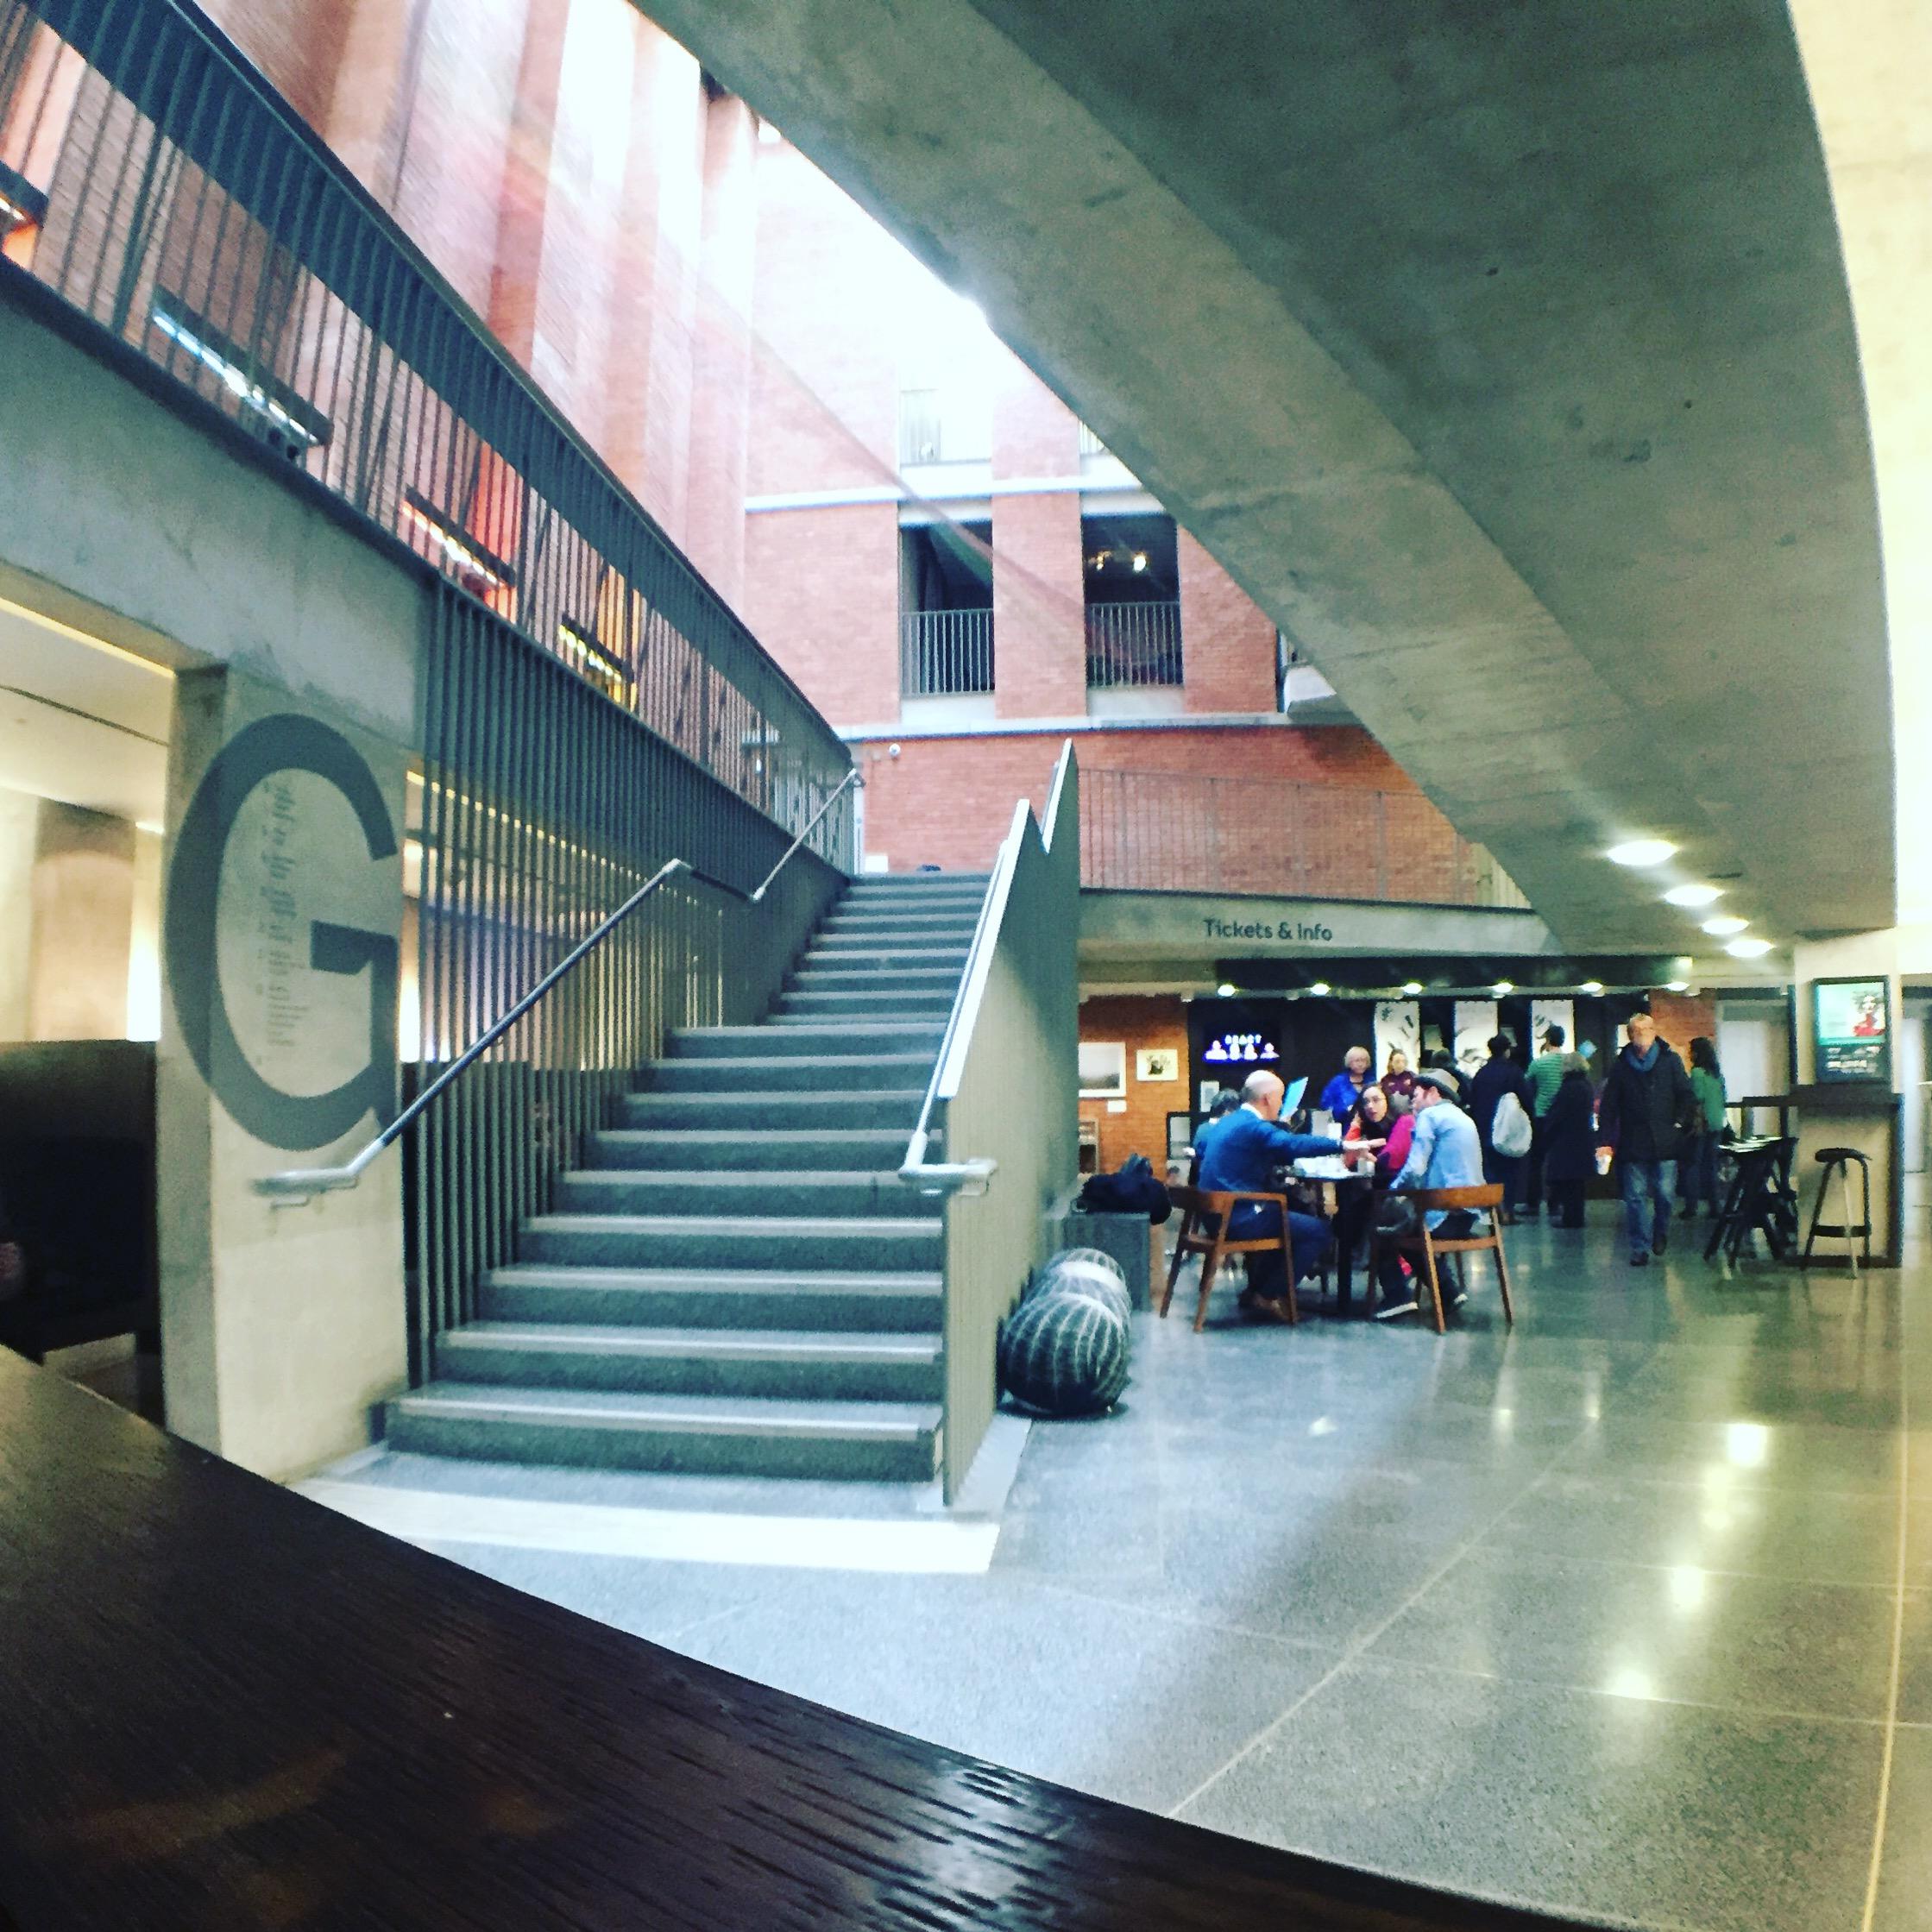 stairs_the_mac_belfast_northern_ireland_ni_explorer_niexplorer